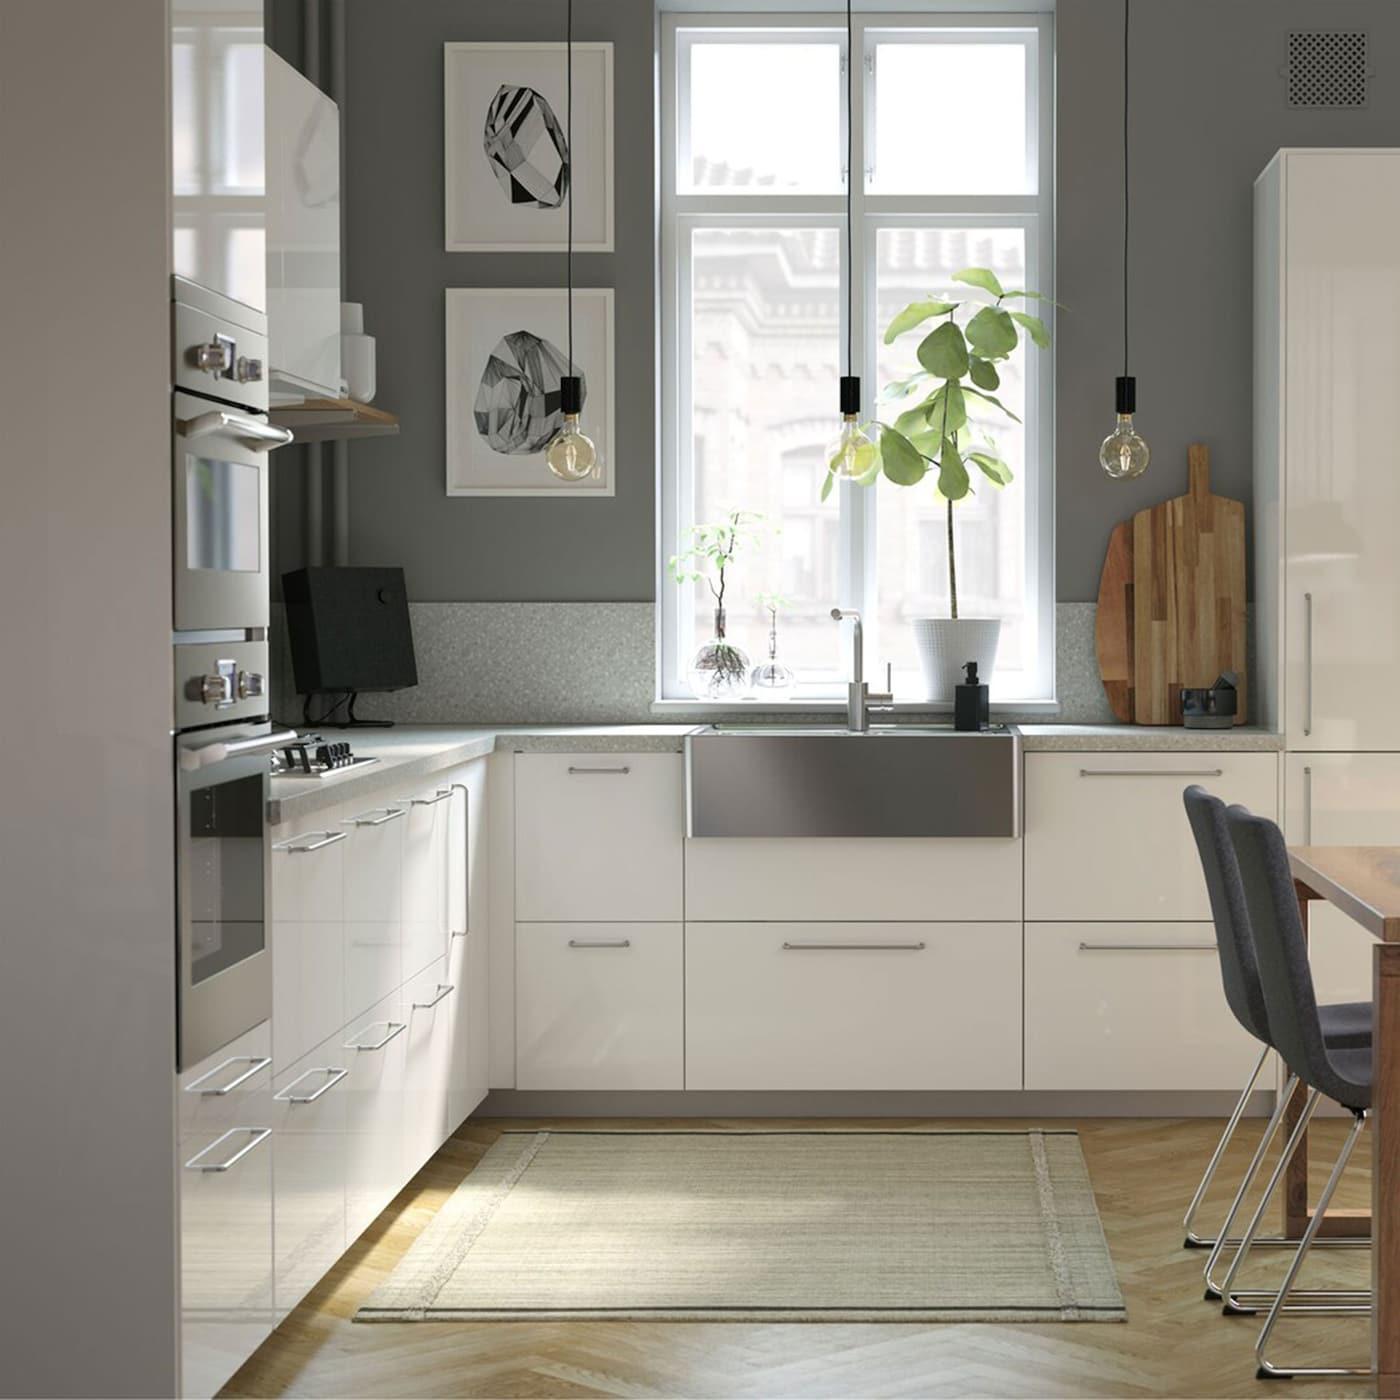 Le nostre cucine includono elementi dal design moderno, come il lavello in acciaio inossidabile BREDSJÖN e il miscelatore per lavello con sensore TÄMNAREN - IKEA